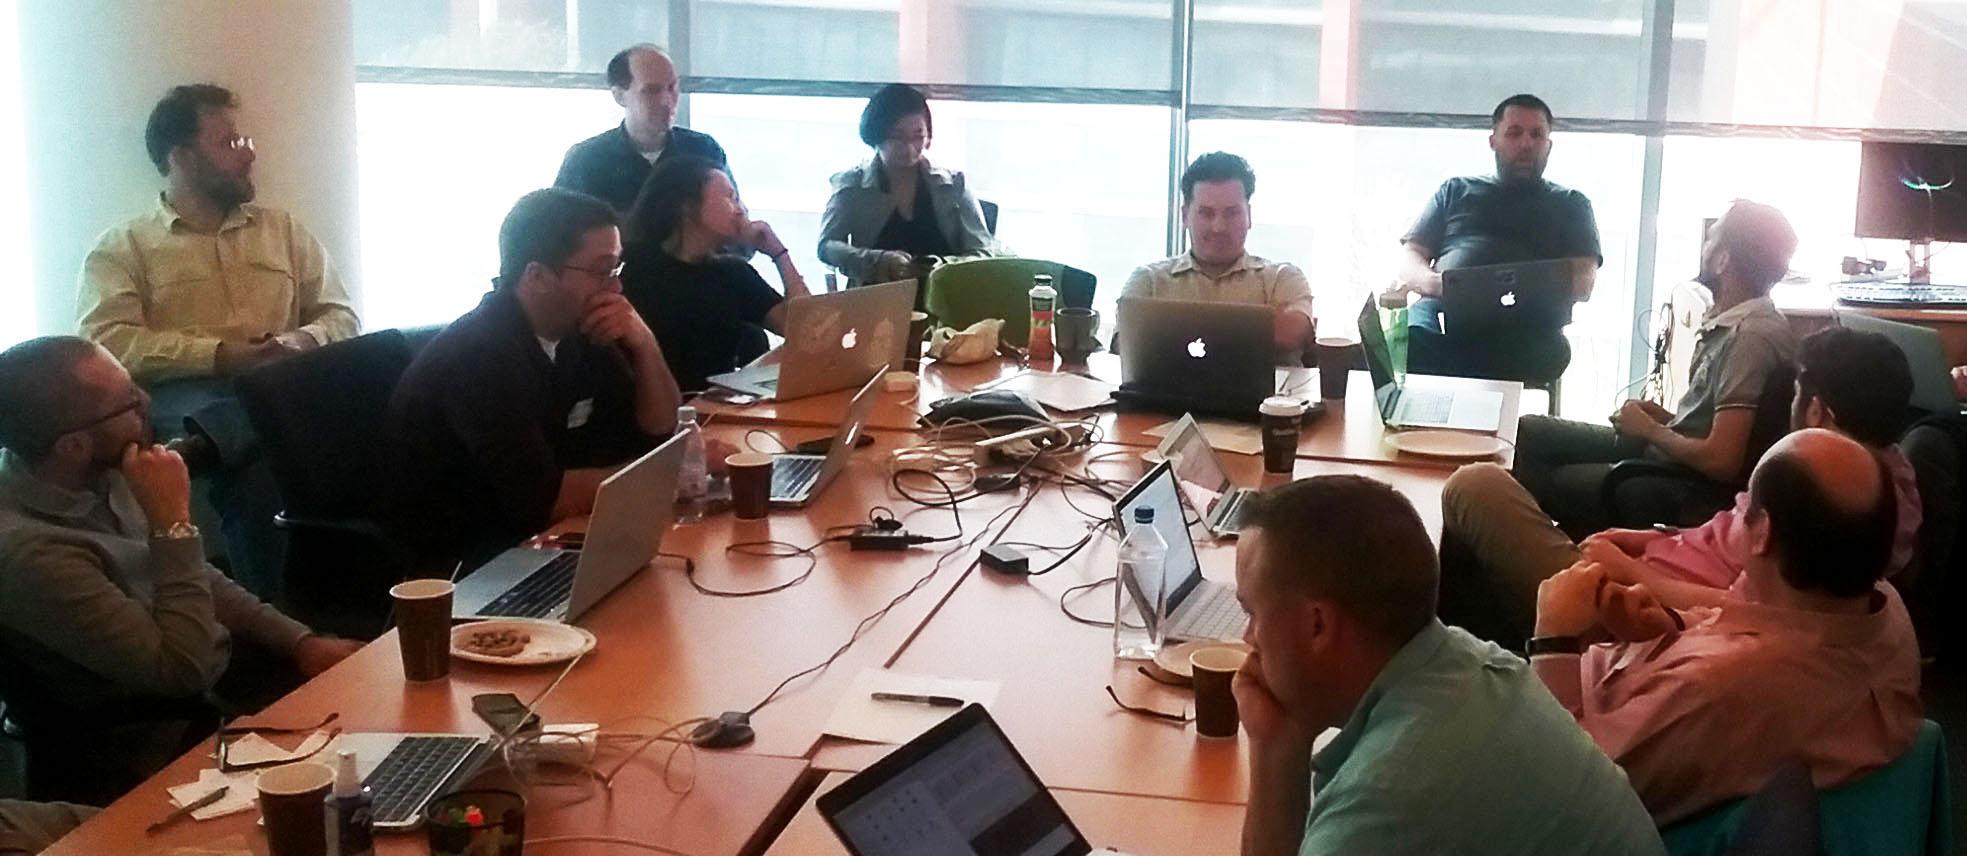 CyVerse Hackathon